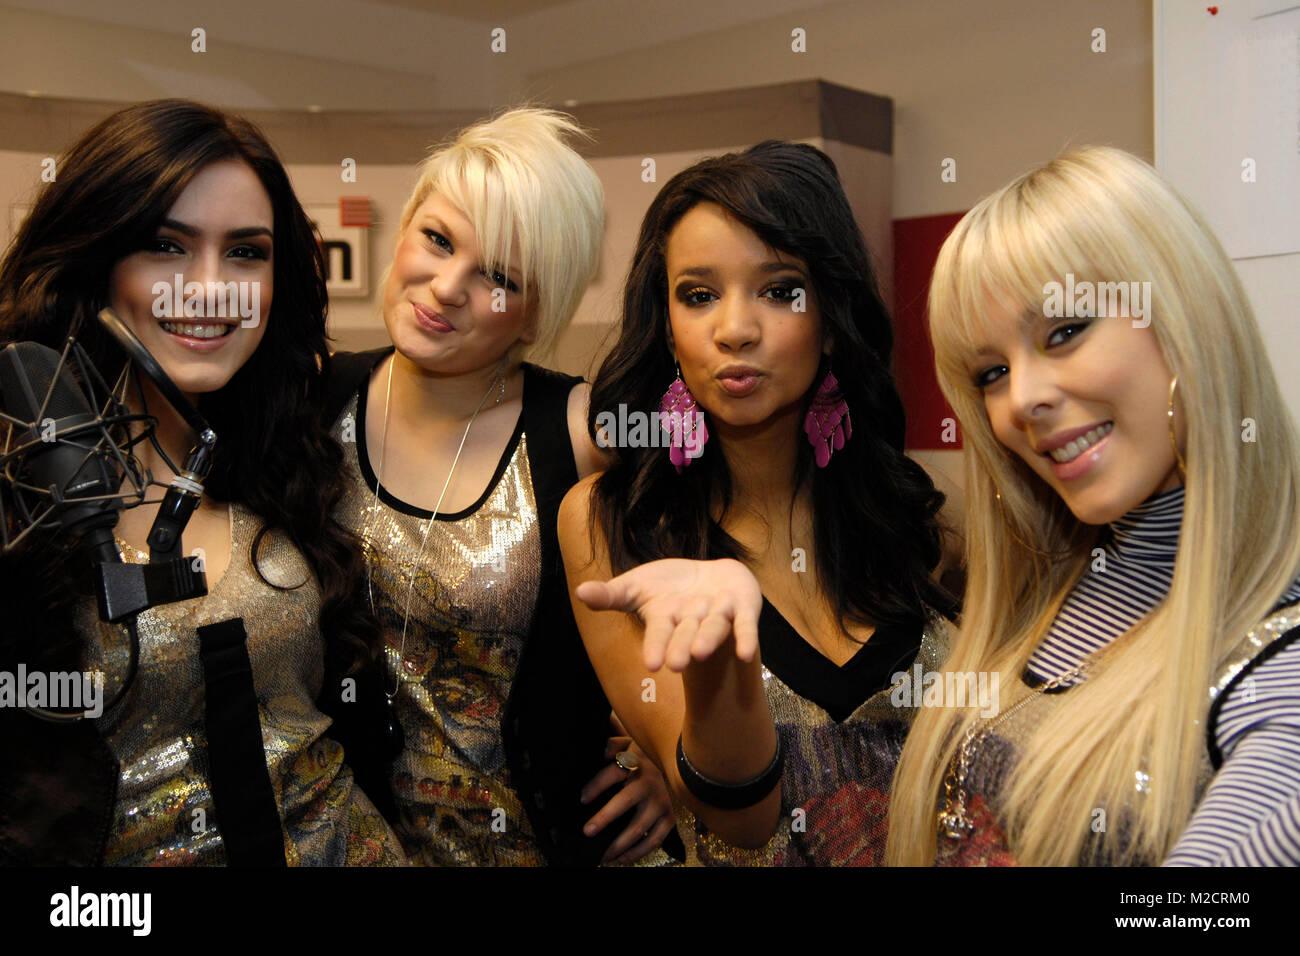 Sterben Pro7 - Popstars Girlband QUEENSBERRY (v. li. Antonella, Leo, Gabriella und Victoria) bei einem Promotiontermin Stockbild